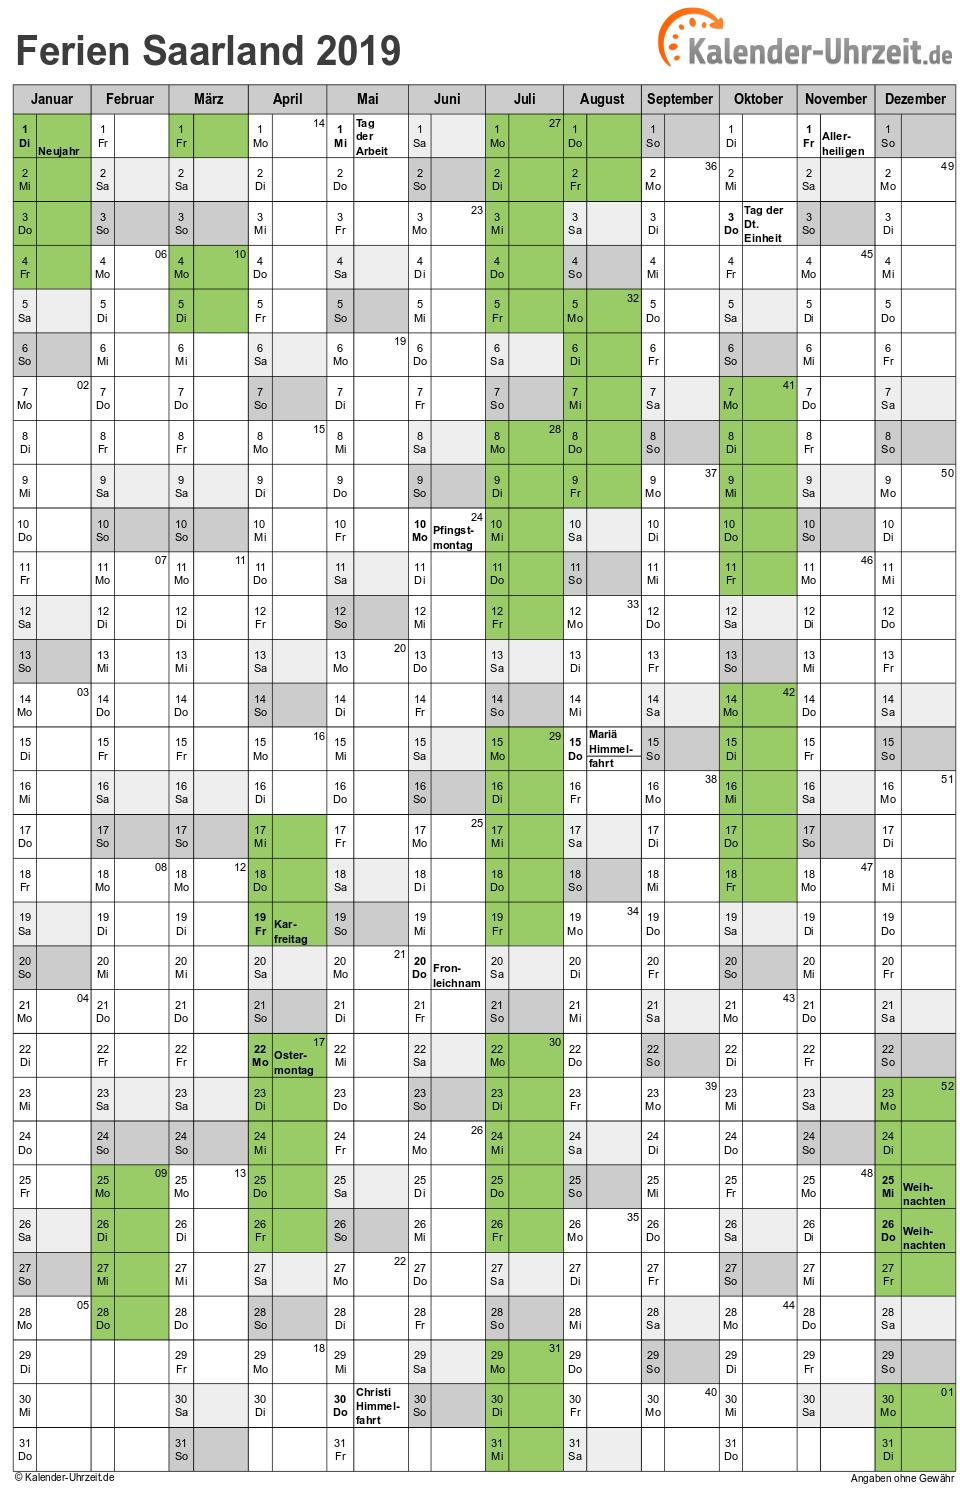 Ausbildungsplätze 2019 Saarland : ferien saarland 2019 ferienkalender zum ausdrucken ~ Aude.kayakingforconservation.com Haus und Dekorationen